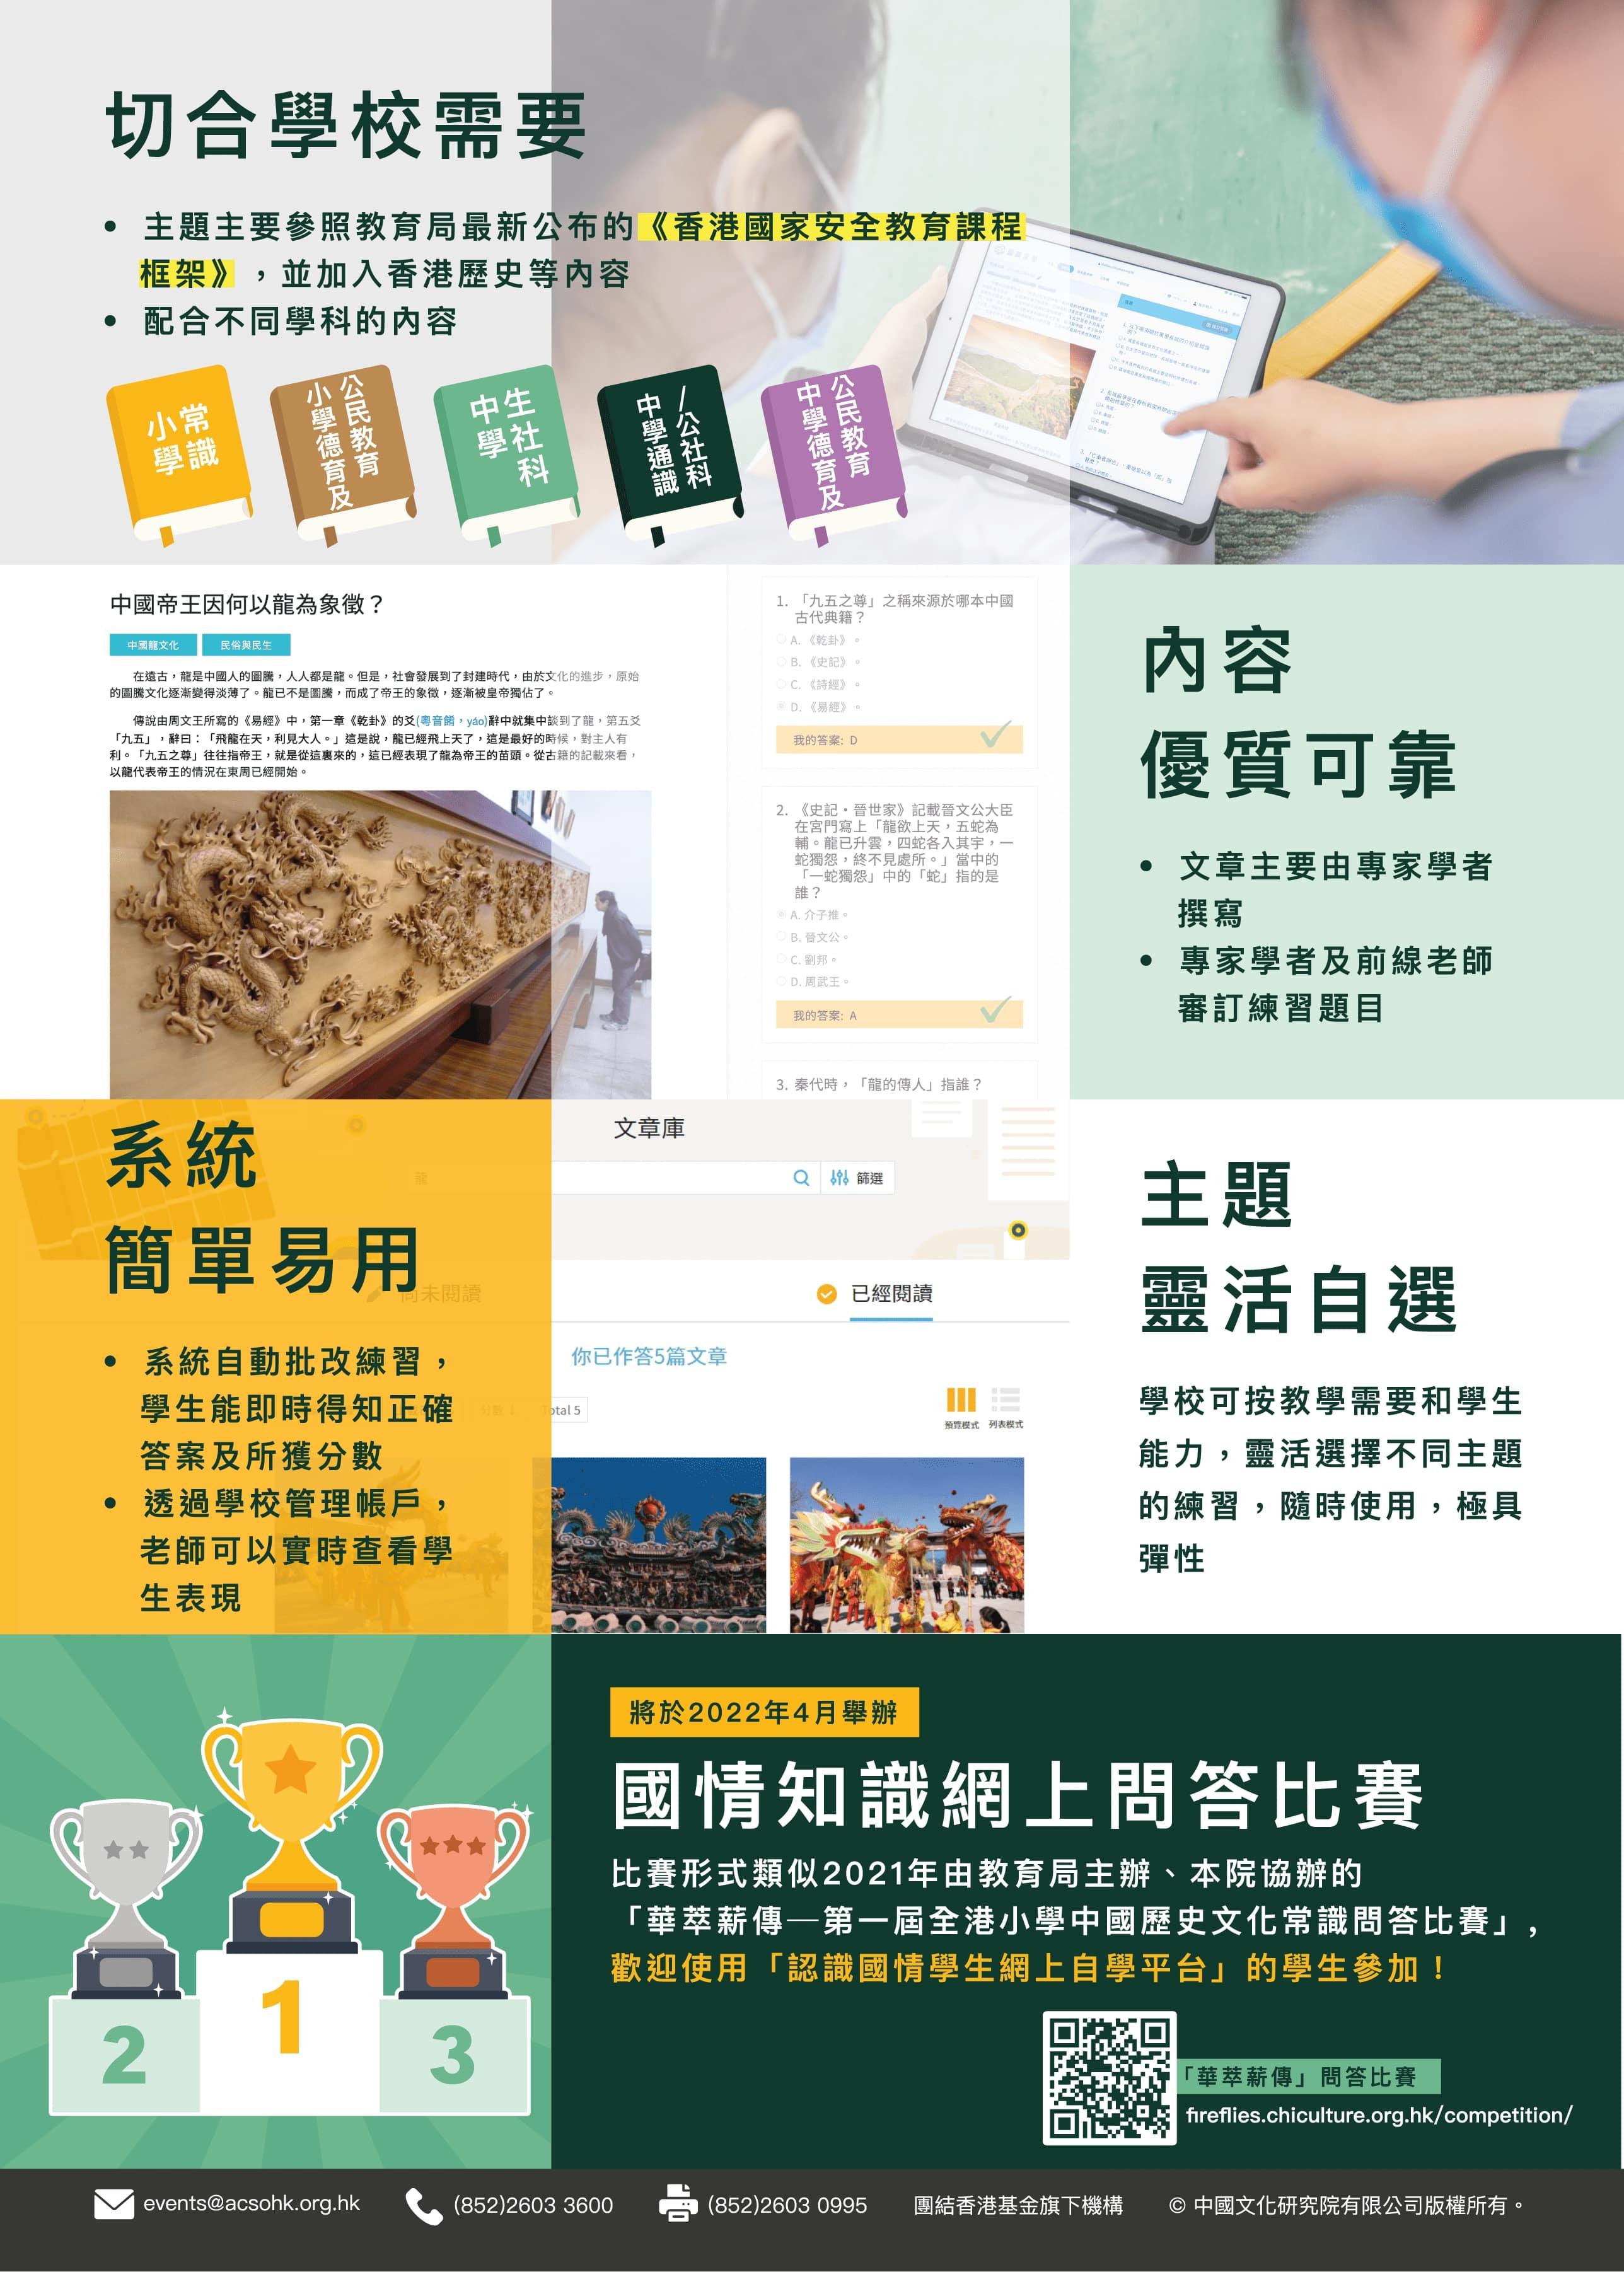 acs_flyer_renshiguoqing_20210618_v4.3-02-min